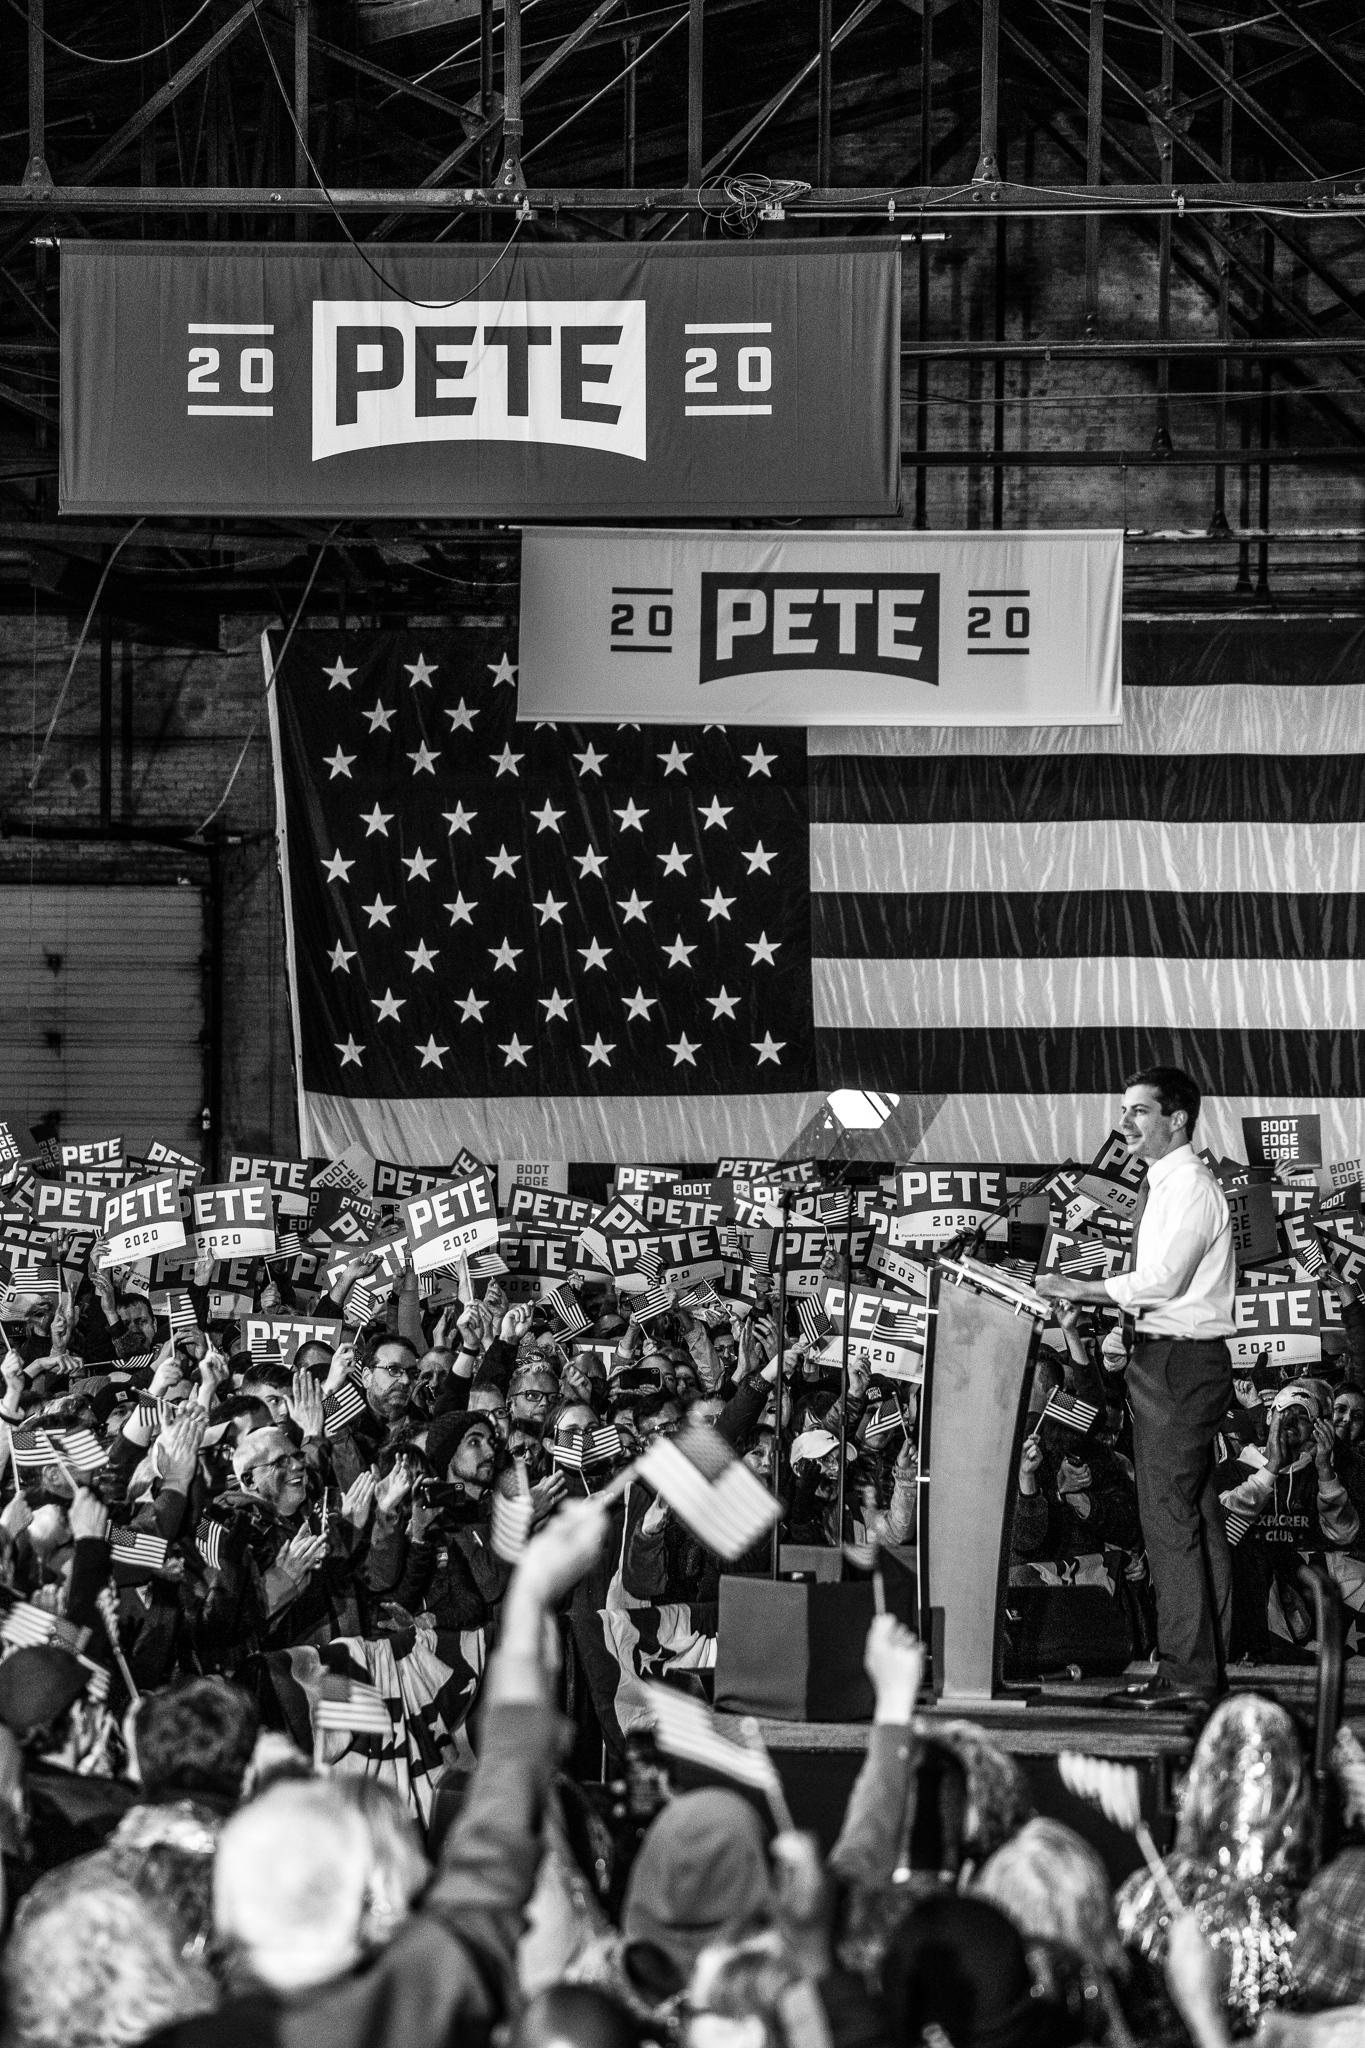 Pete-019.jpg